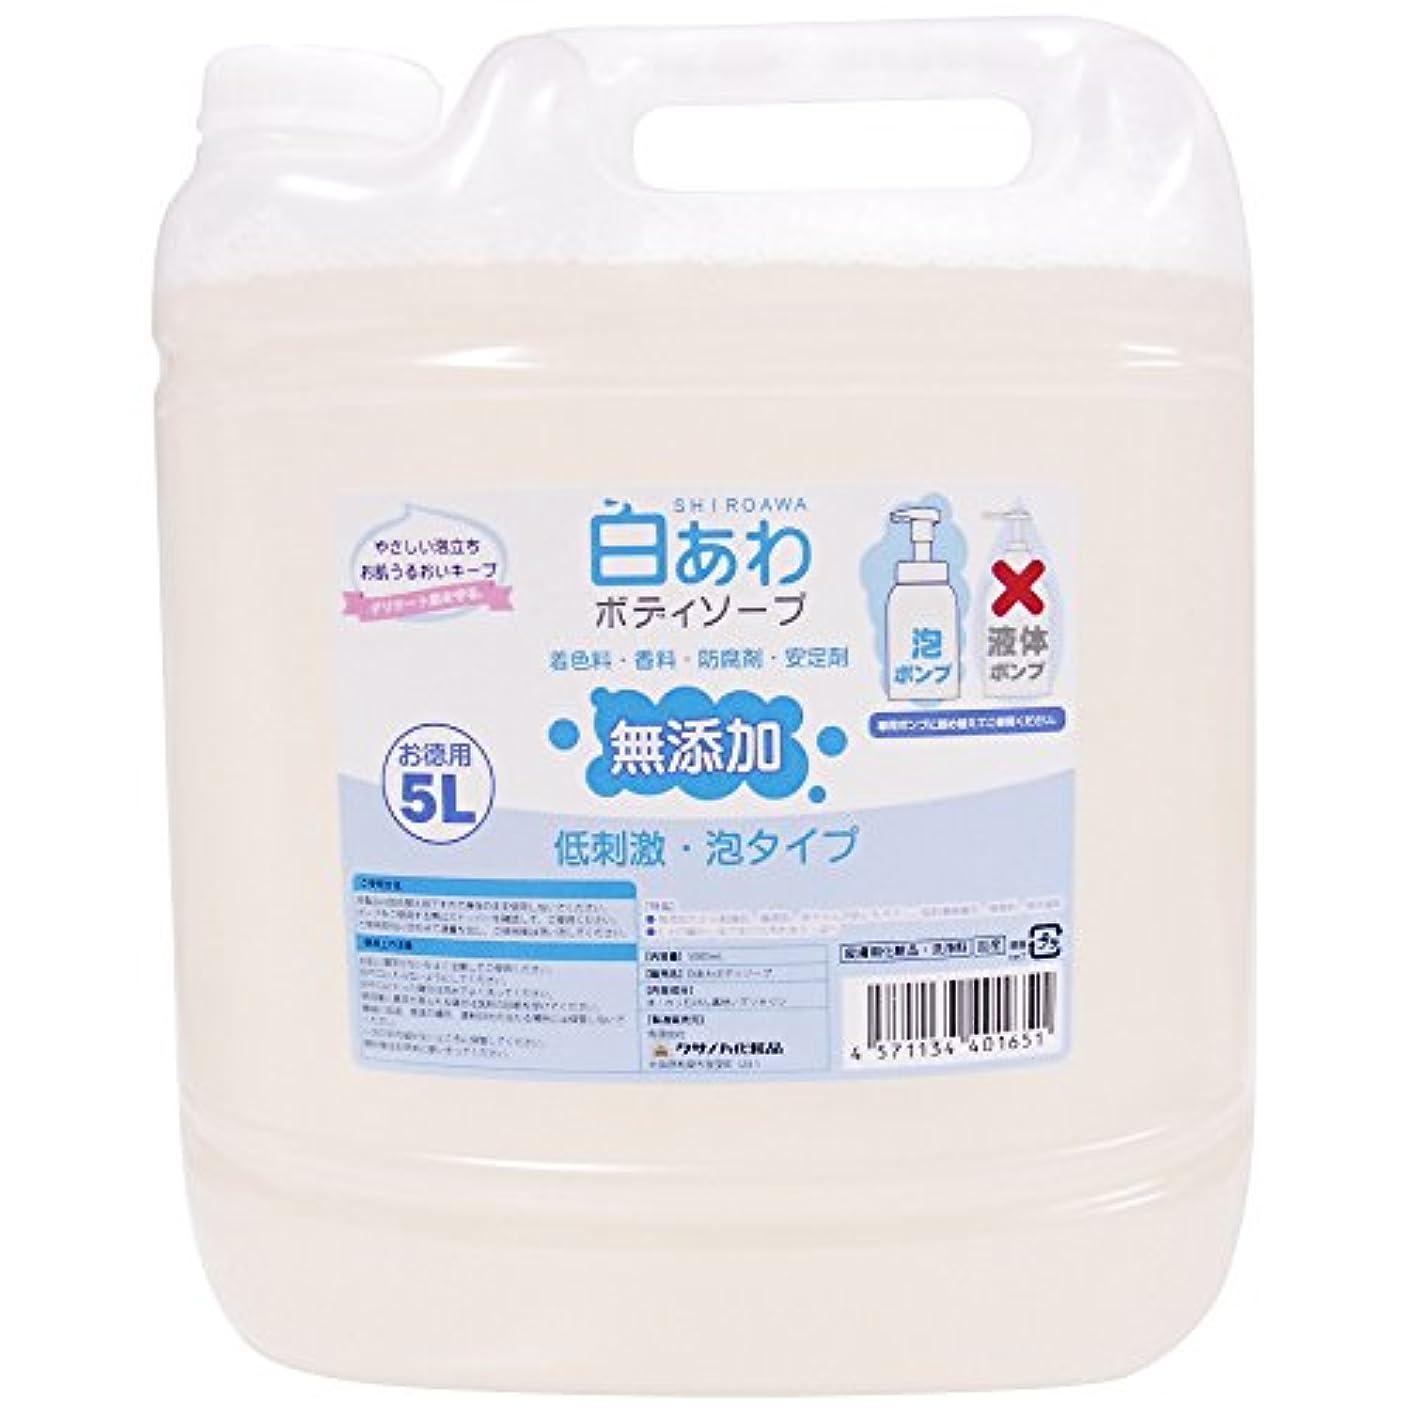 インフラ指小売【無添加】白あわボディソープ 詰替用 5L